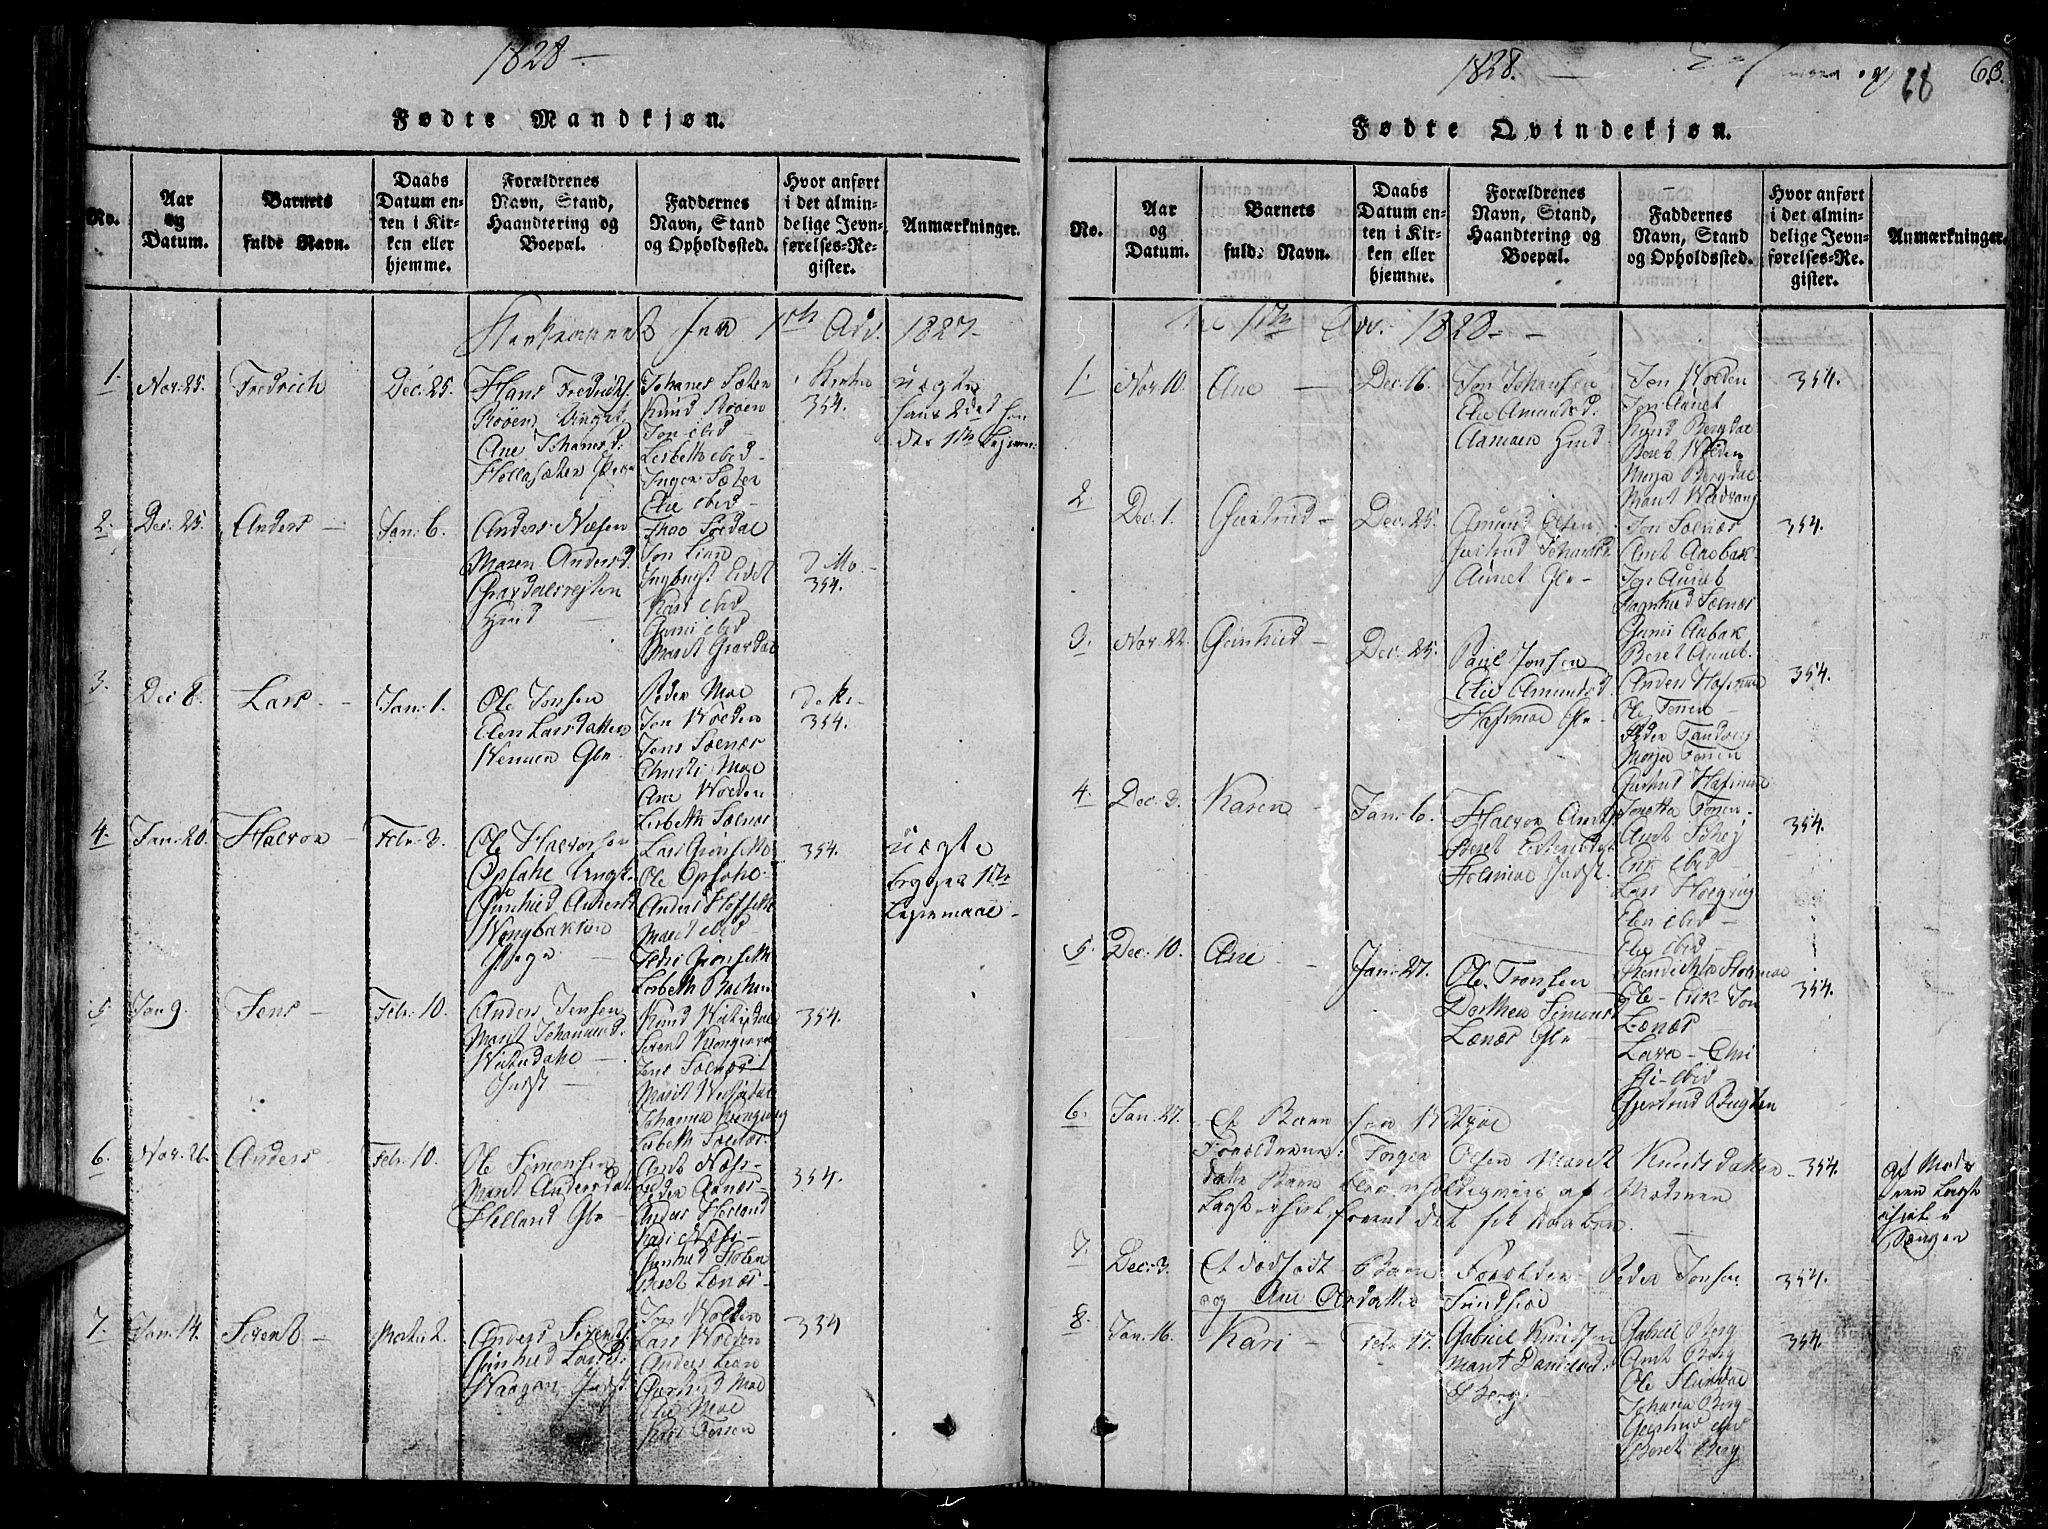 SAT, Ministerialprotokoller, klokkerbøker og fødselsregistre - Sør-Trøndelag, 630/L0491: Ministerialbok nr. 630A04, 1818-1830, s. 68